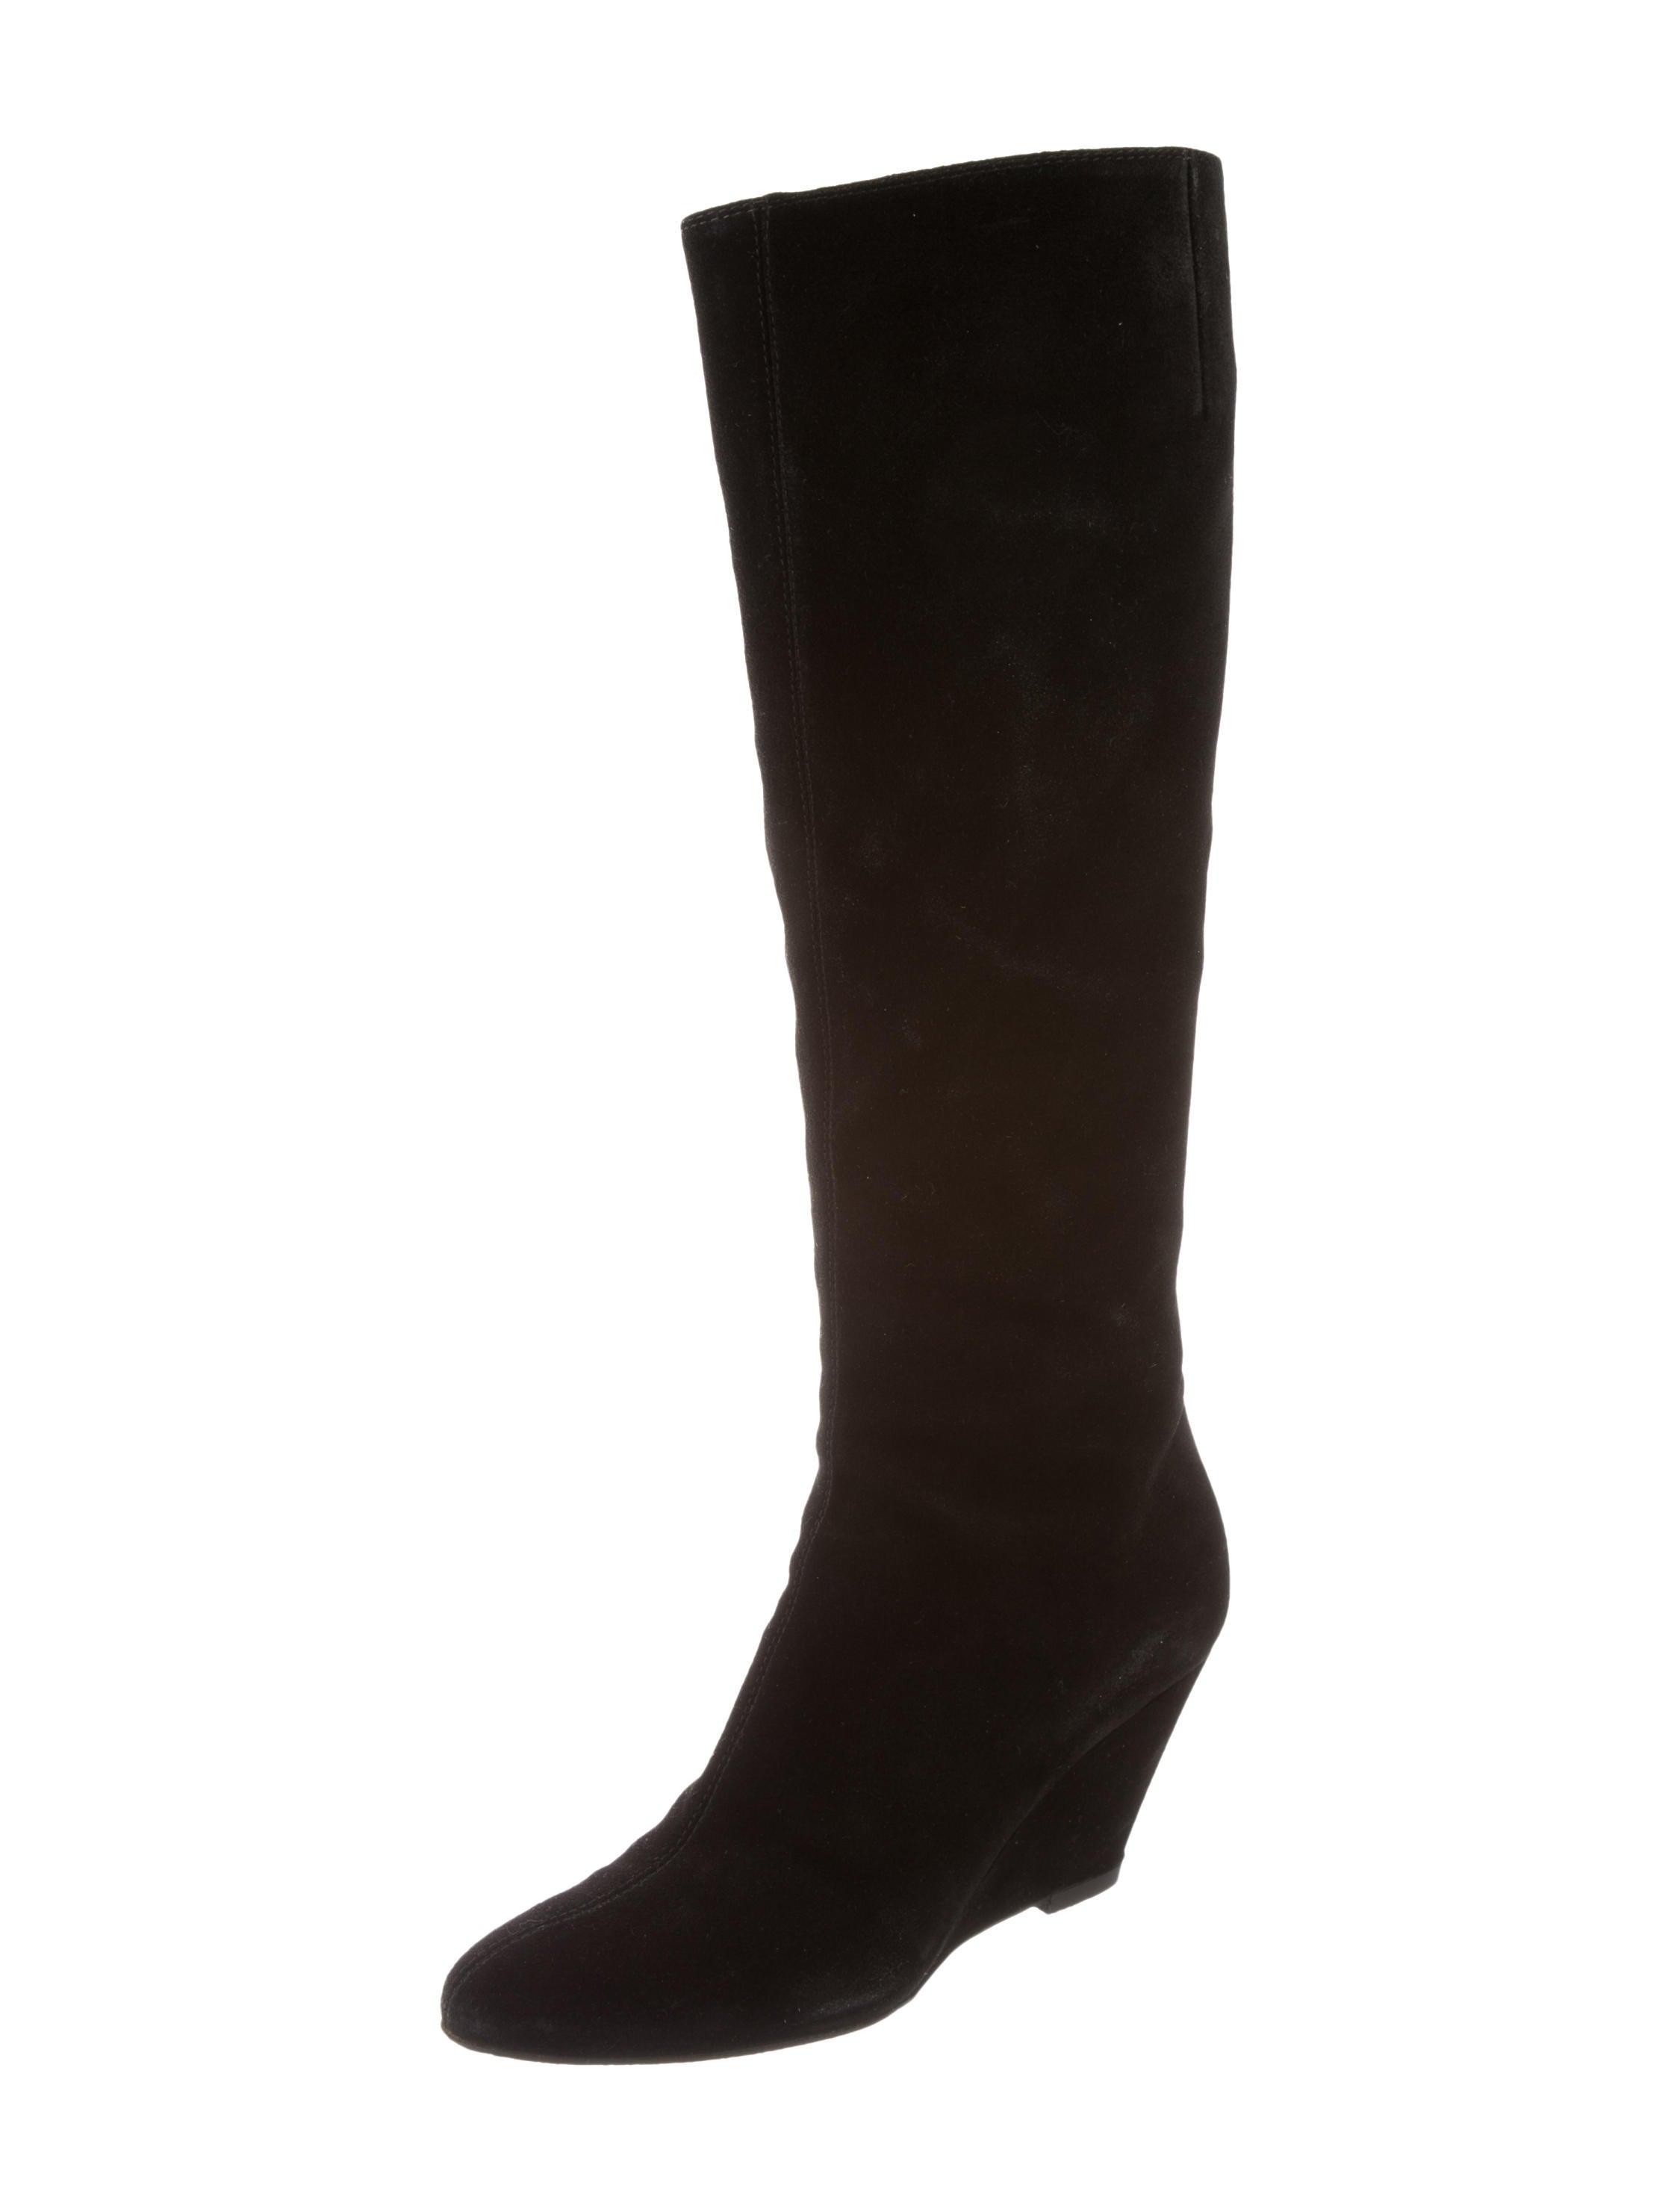 giuseppe zanotti suede knee high boots shoes giu30749